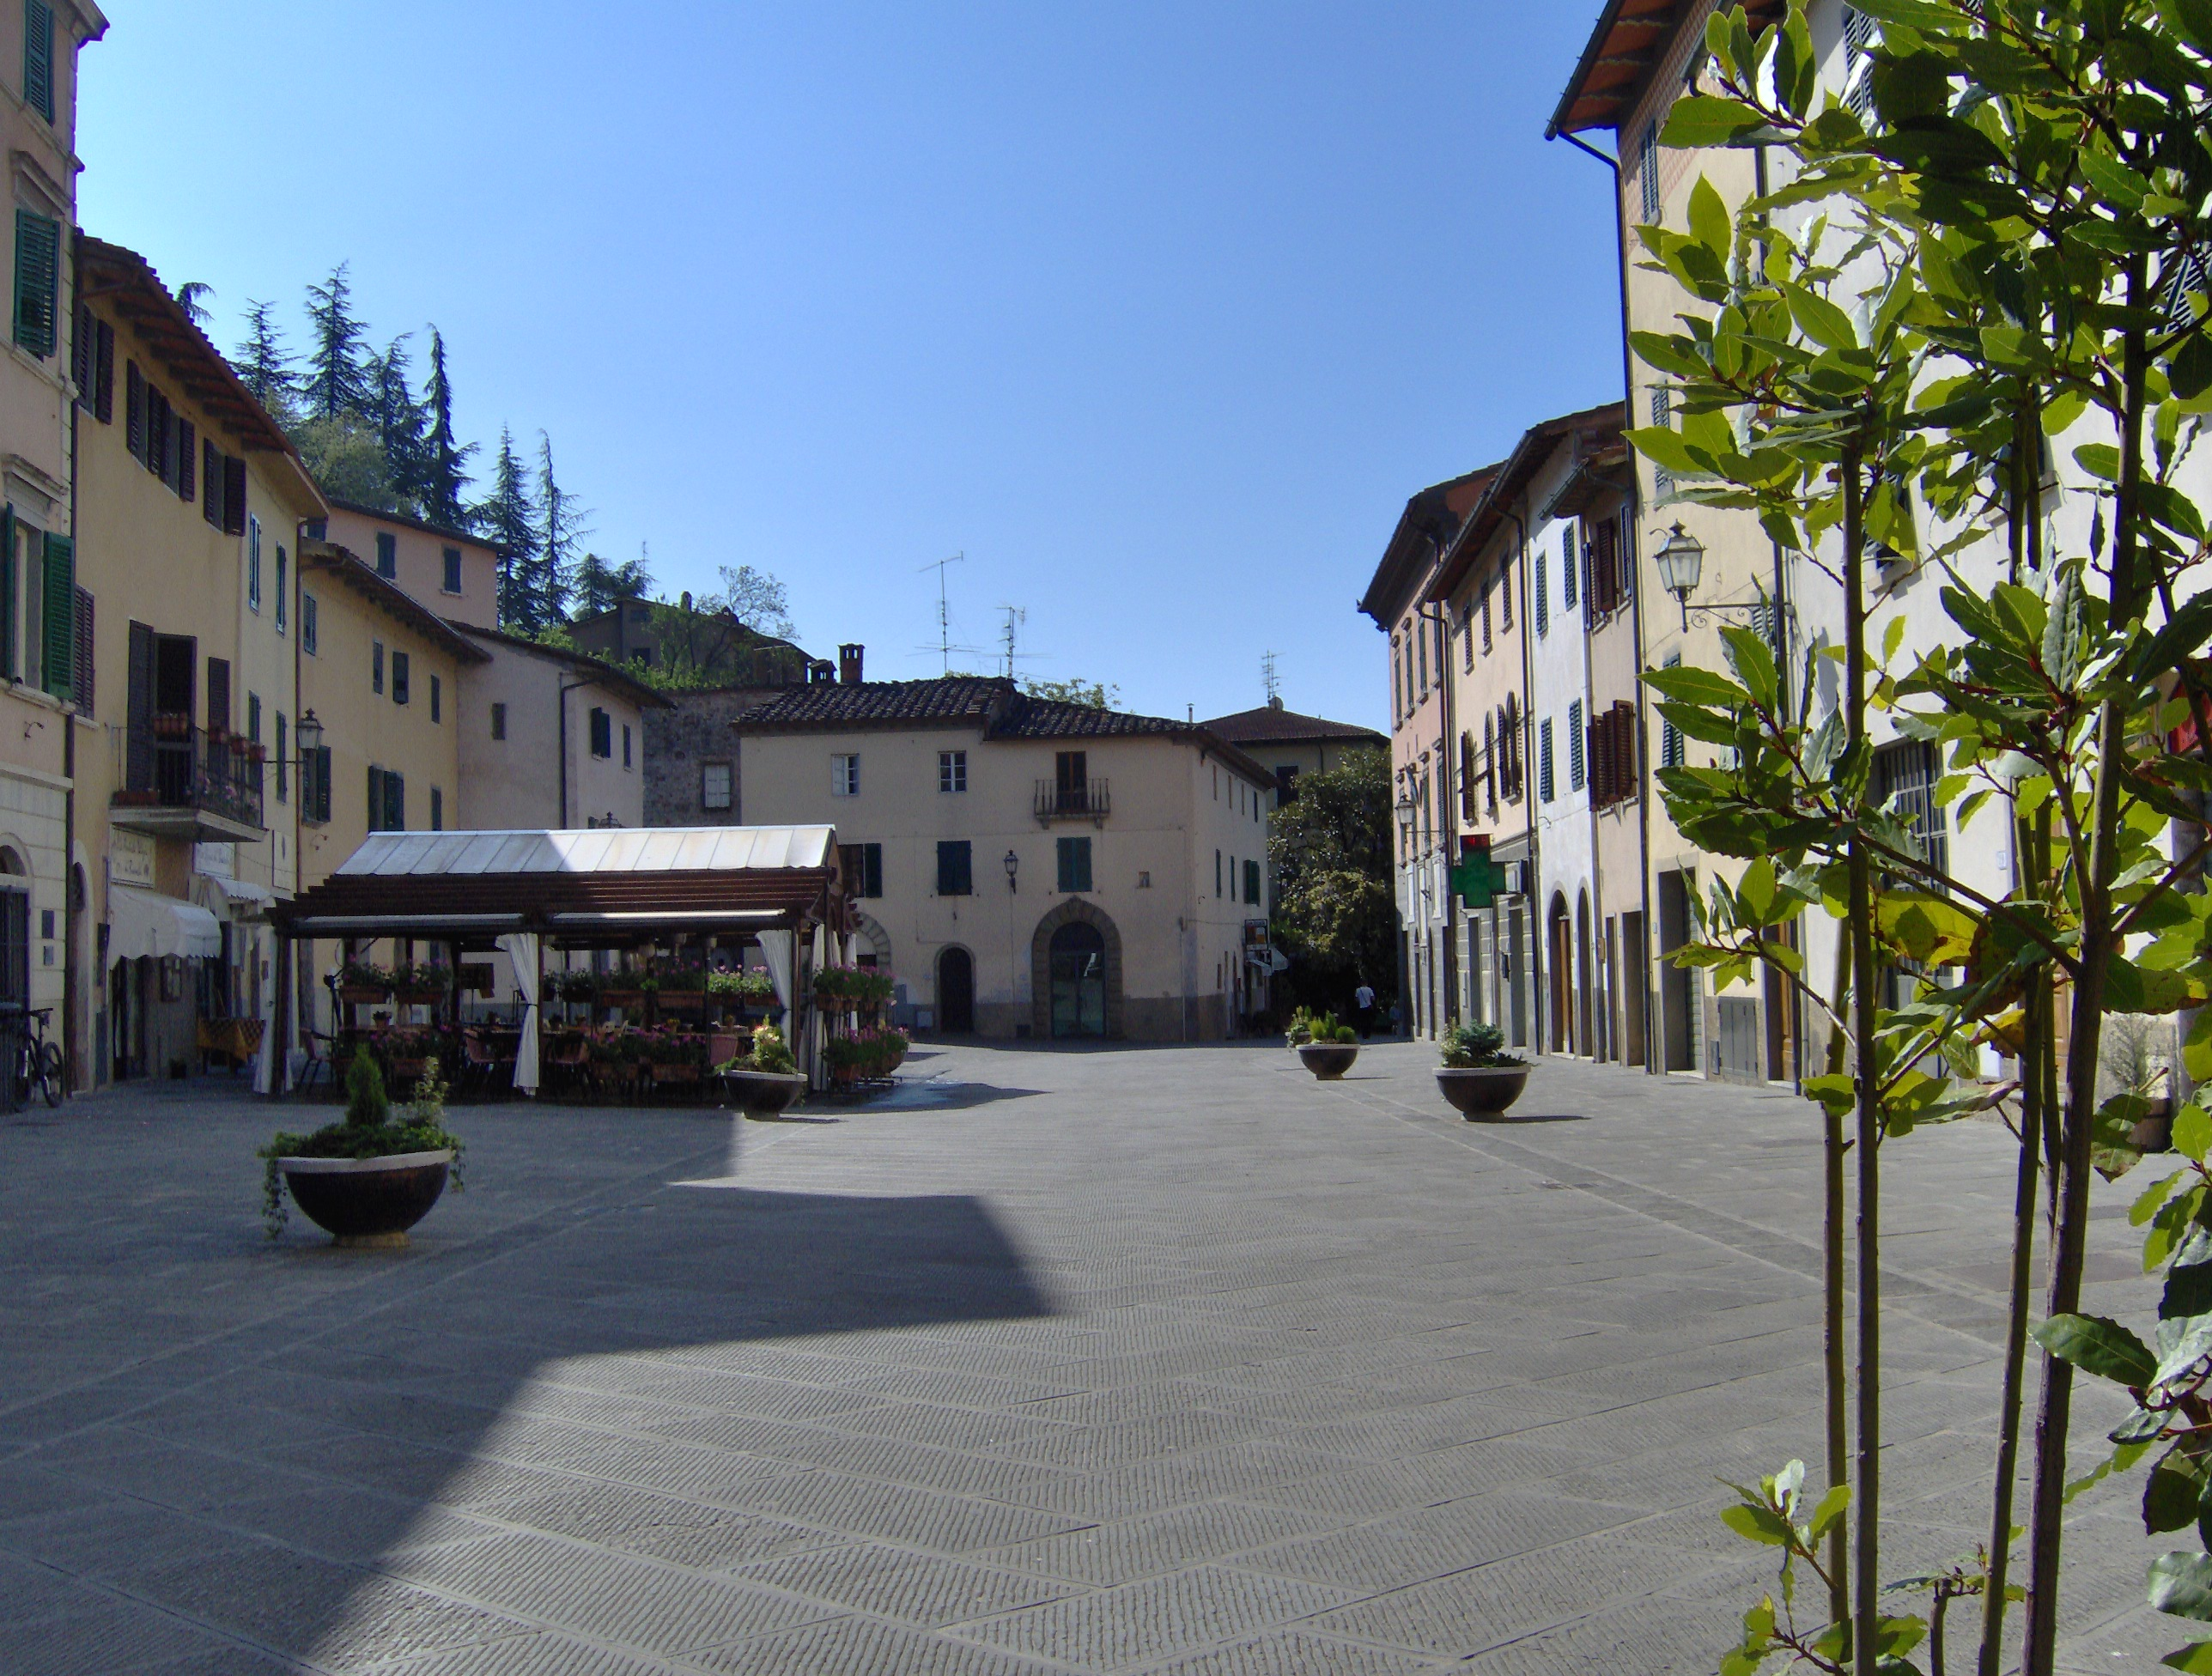 File:Via Bettino Ricasoli Gaiole in Chianti 2.JPG ...